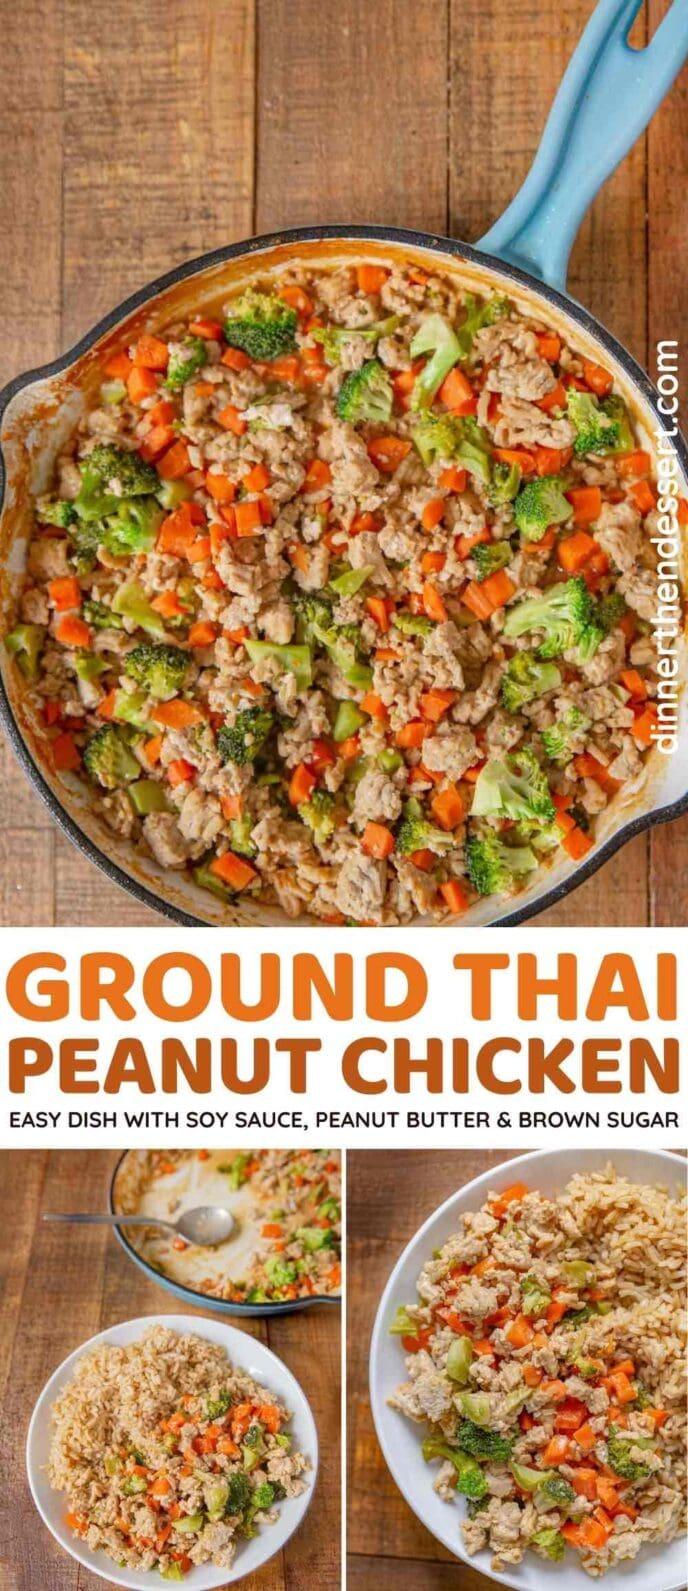 Ground Peanut Chicken collage